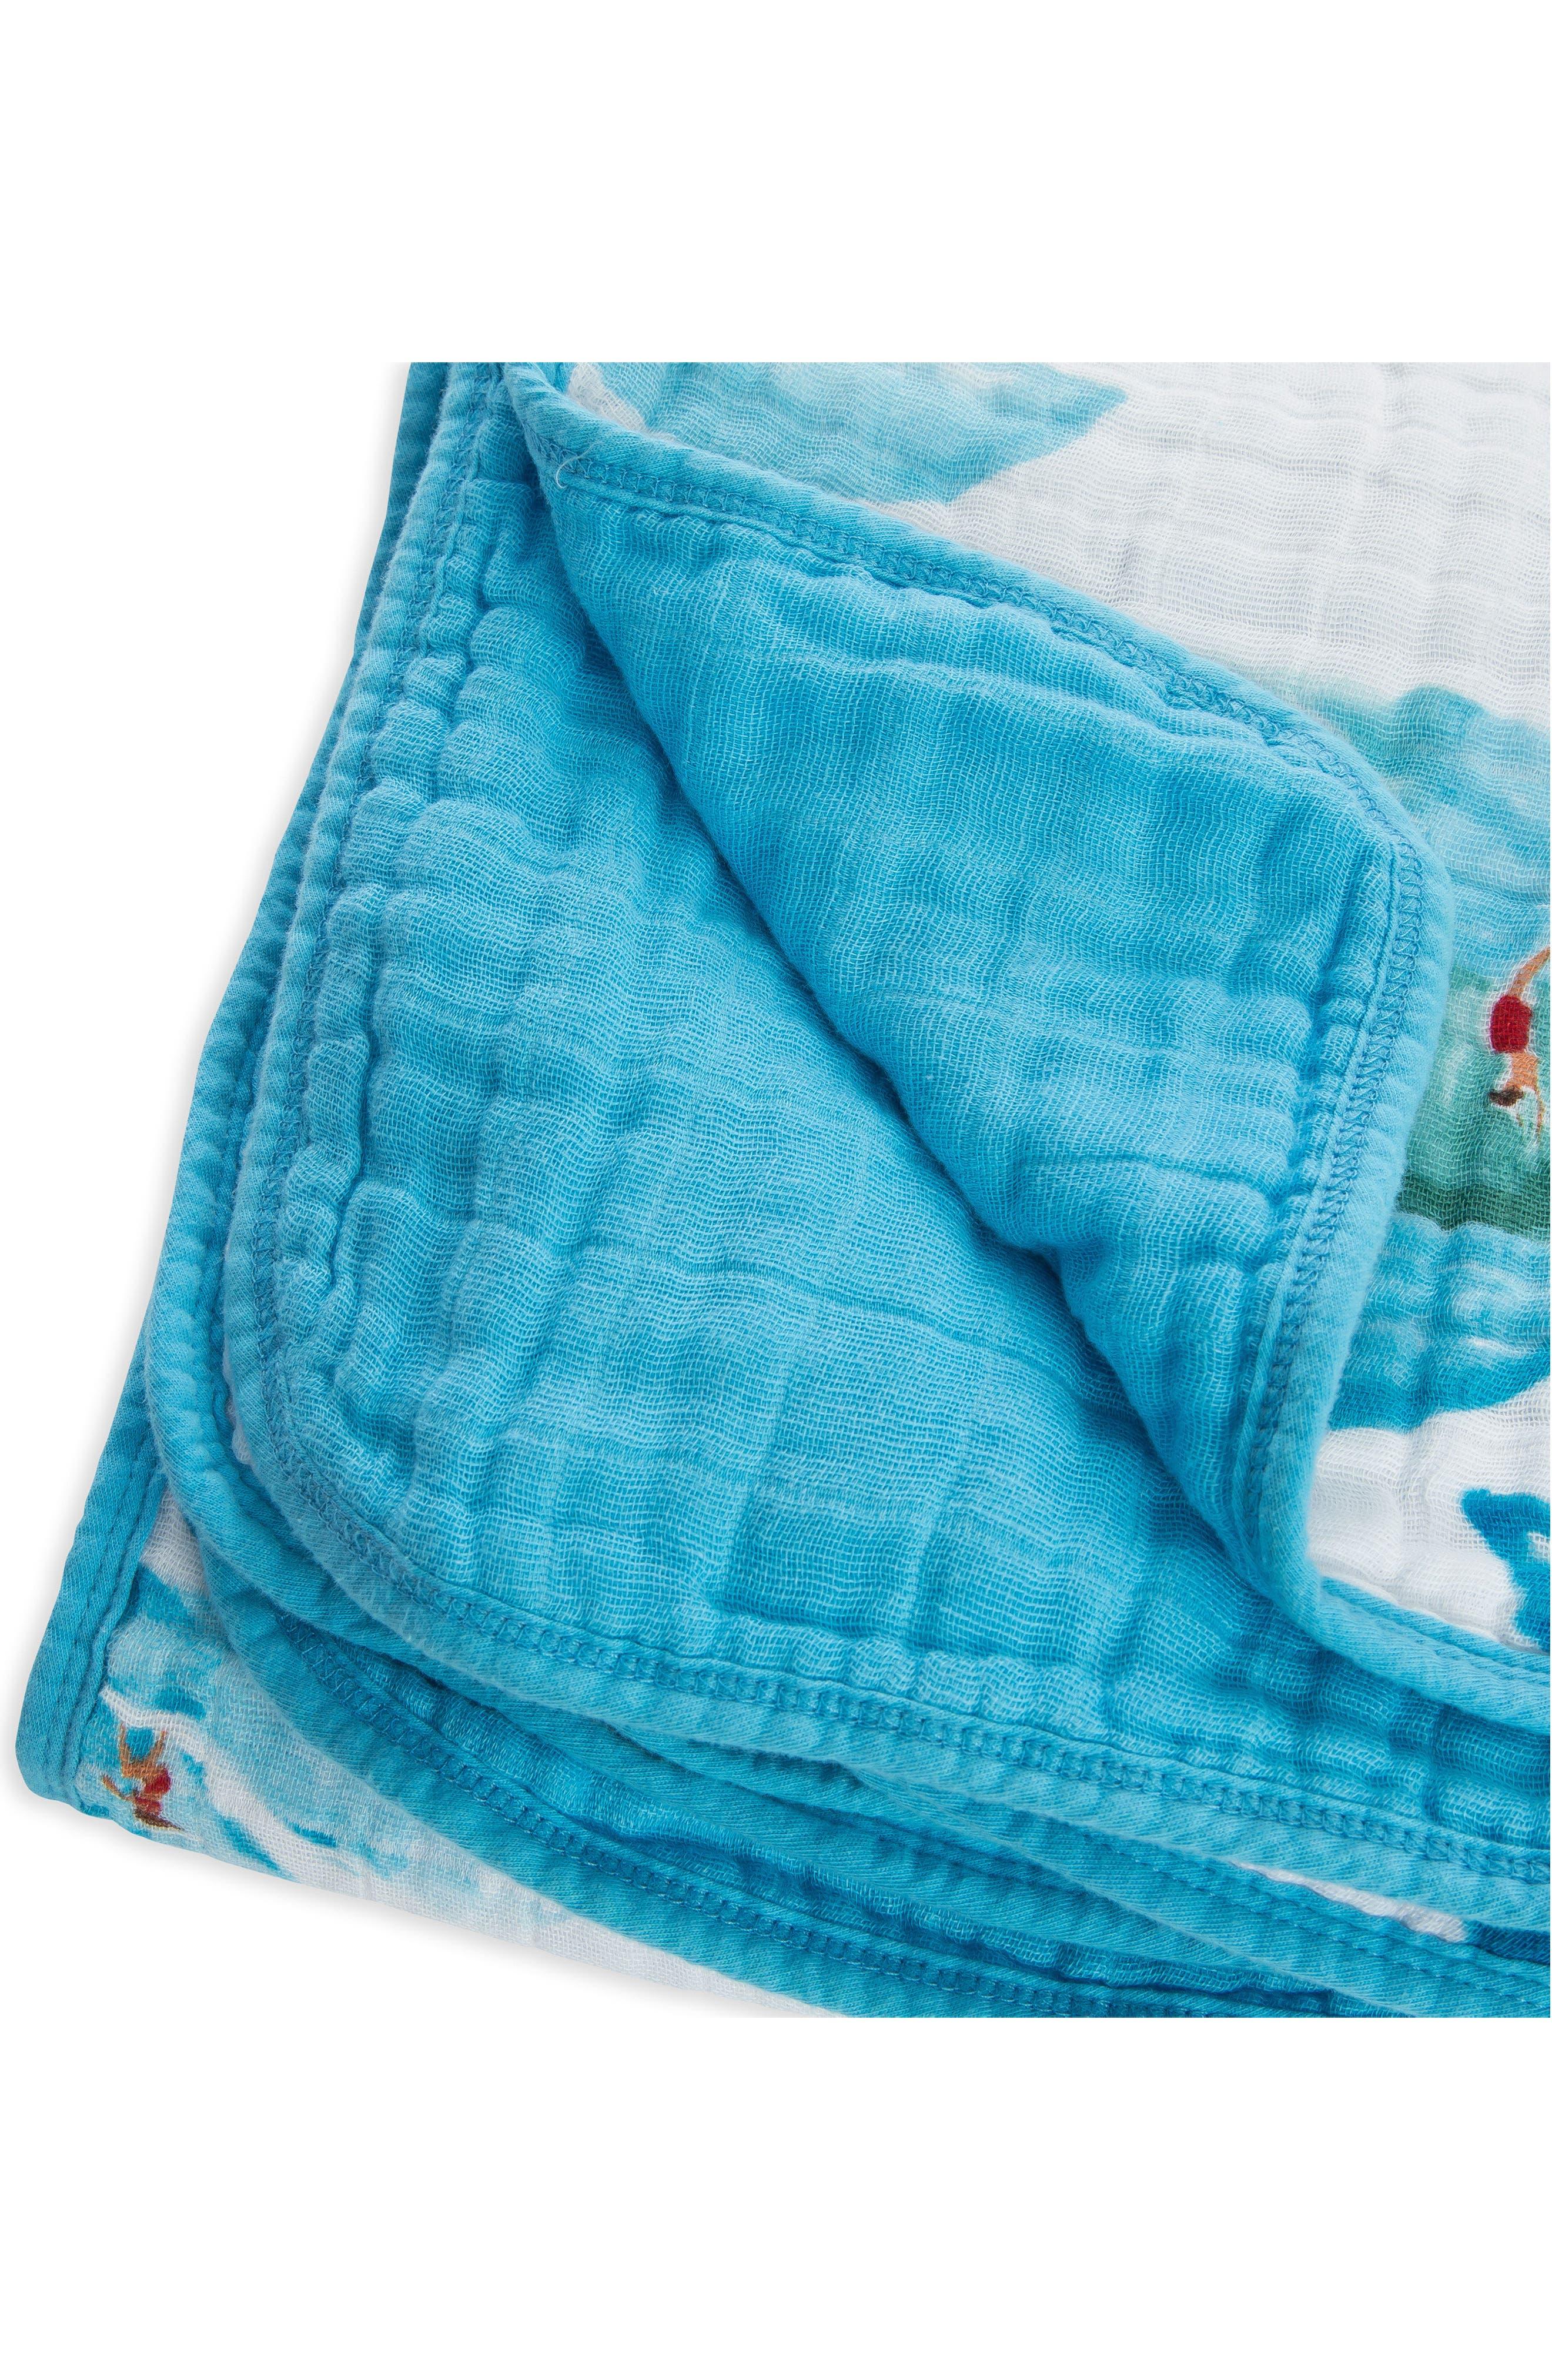 Cotton Muslin Quilt,                             Alternate thumbnail 2, color,                             Surf